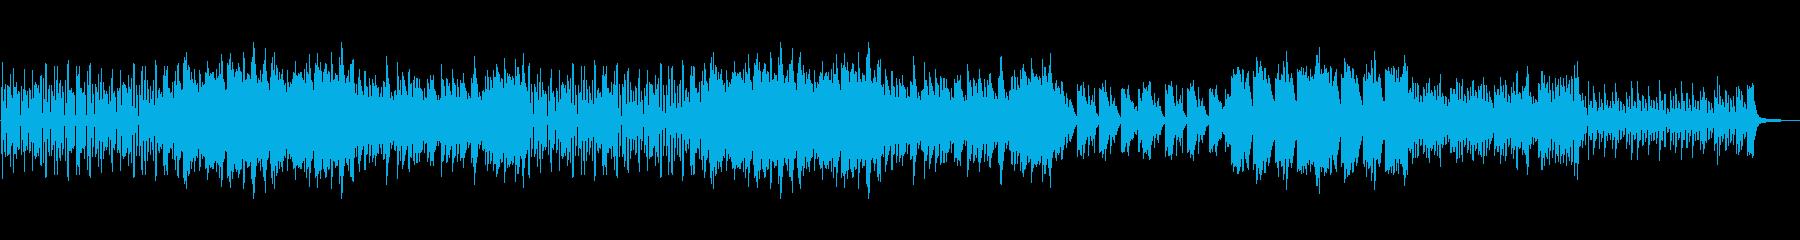 ピアノ/懐かしい/不思議/日常/シンプルの再生済みの波形